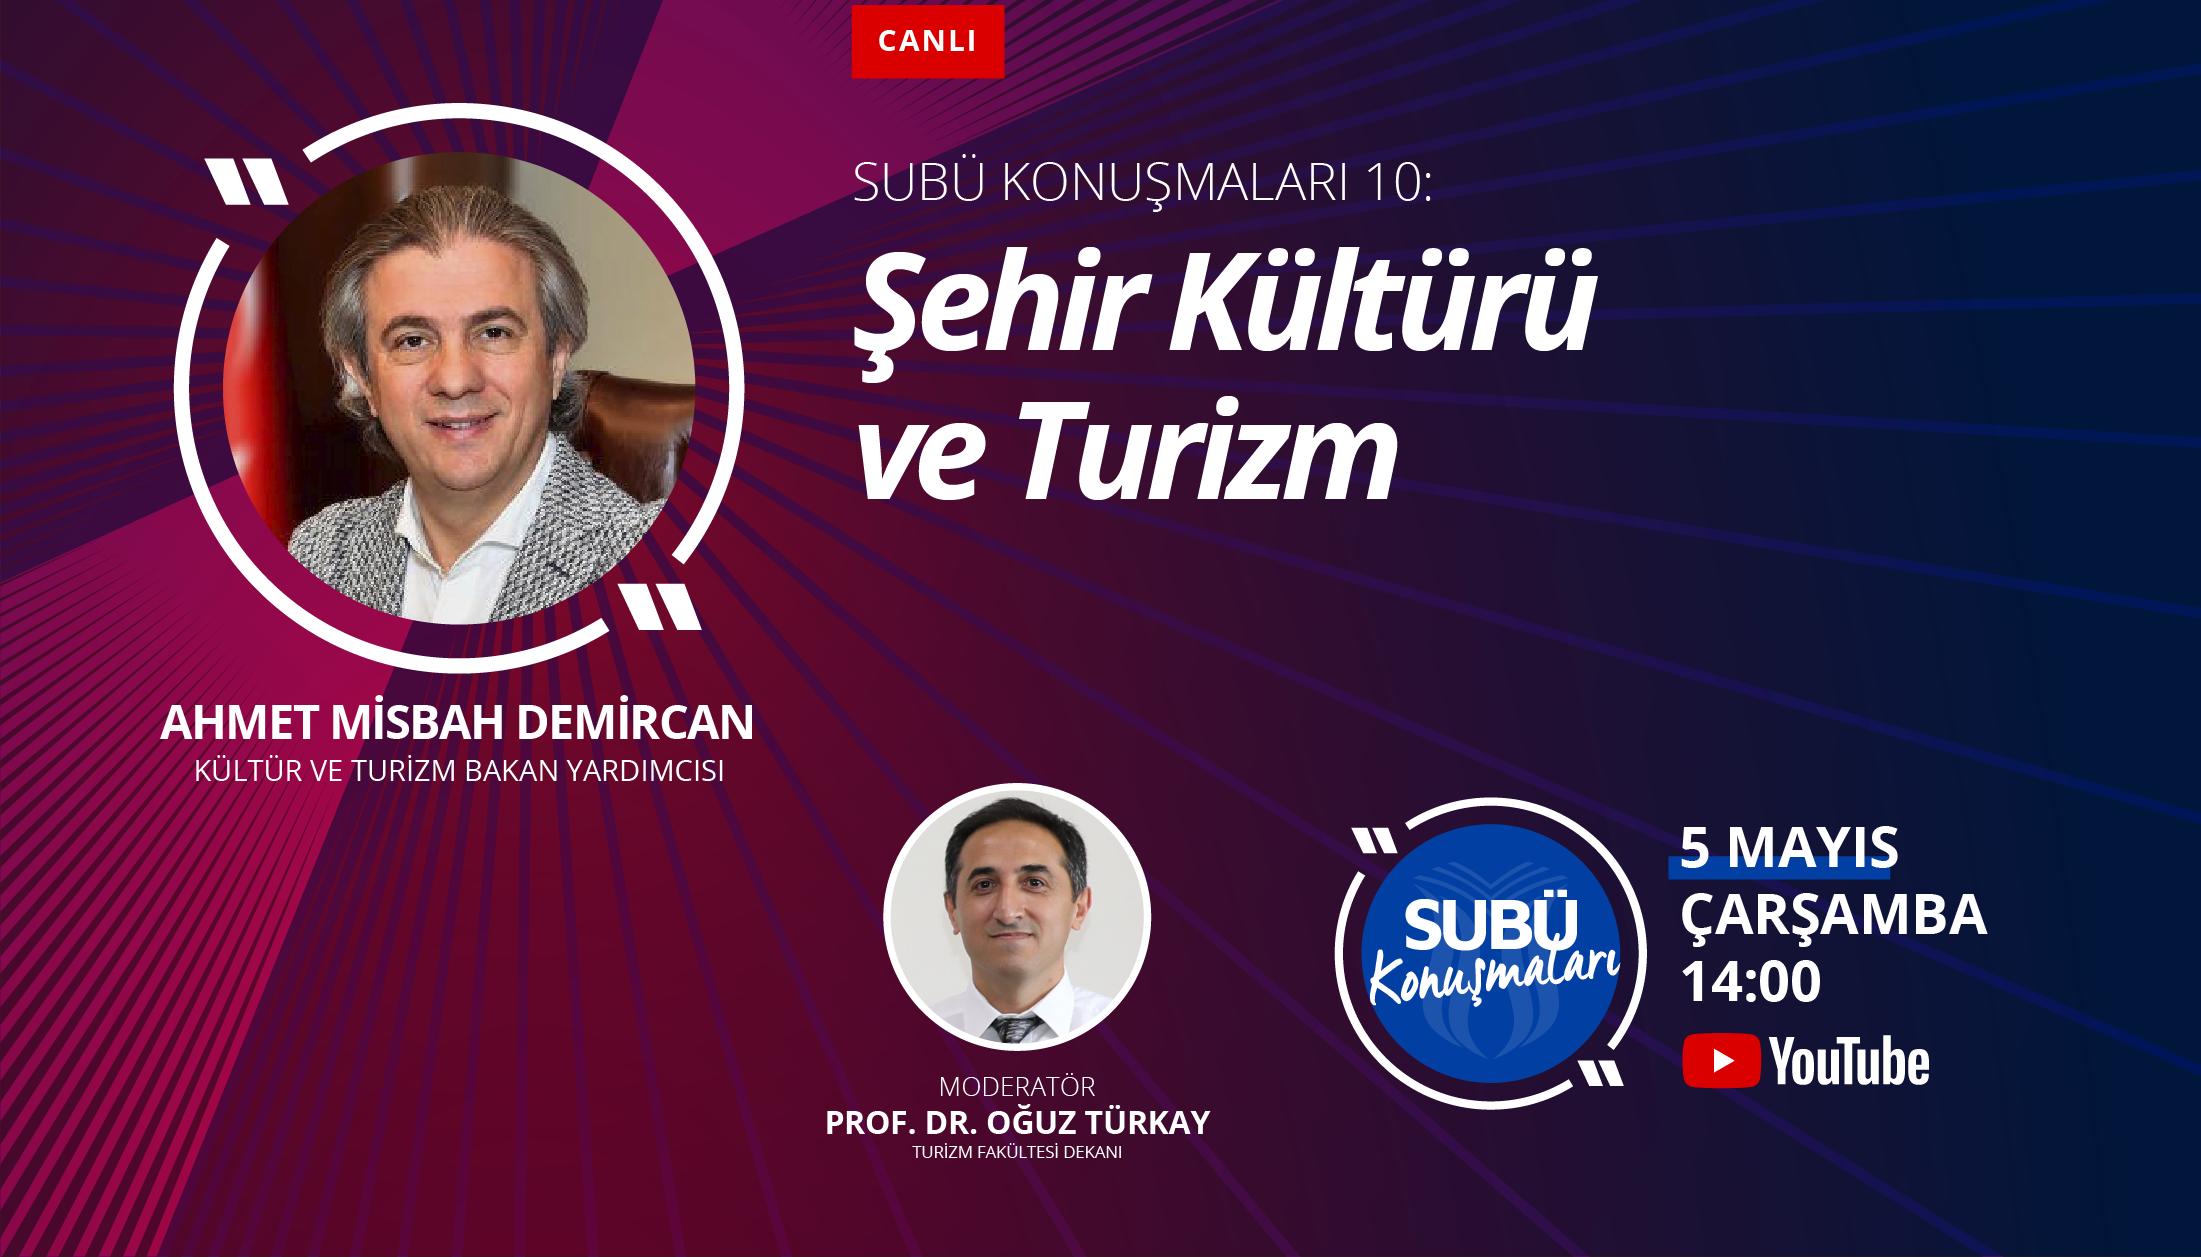 Bakan Yardımcısı Demircan SUBÜ Konuşmaları'nda; şehir kültürü ve turizm ilişkisi konuşulacak